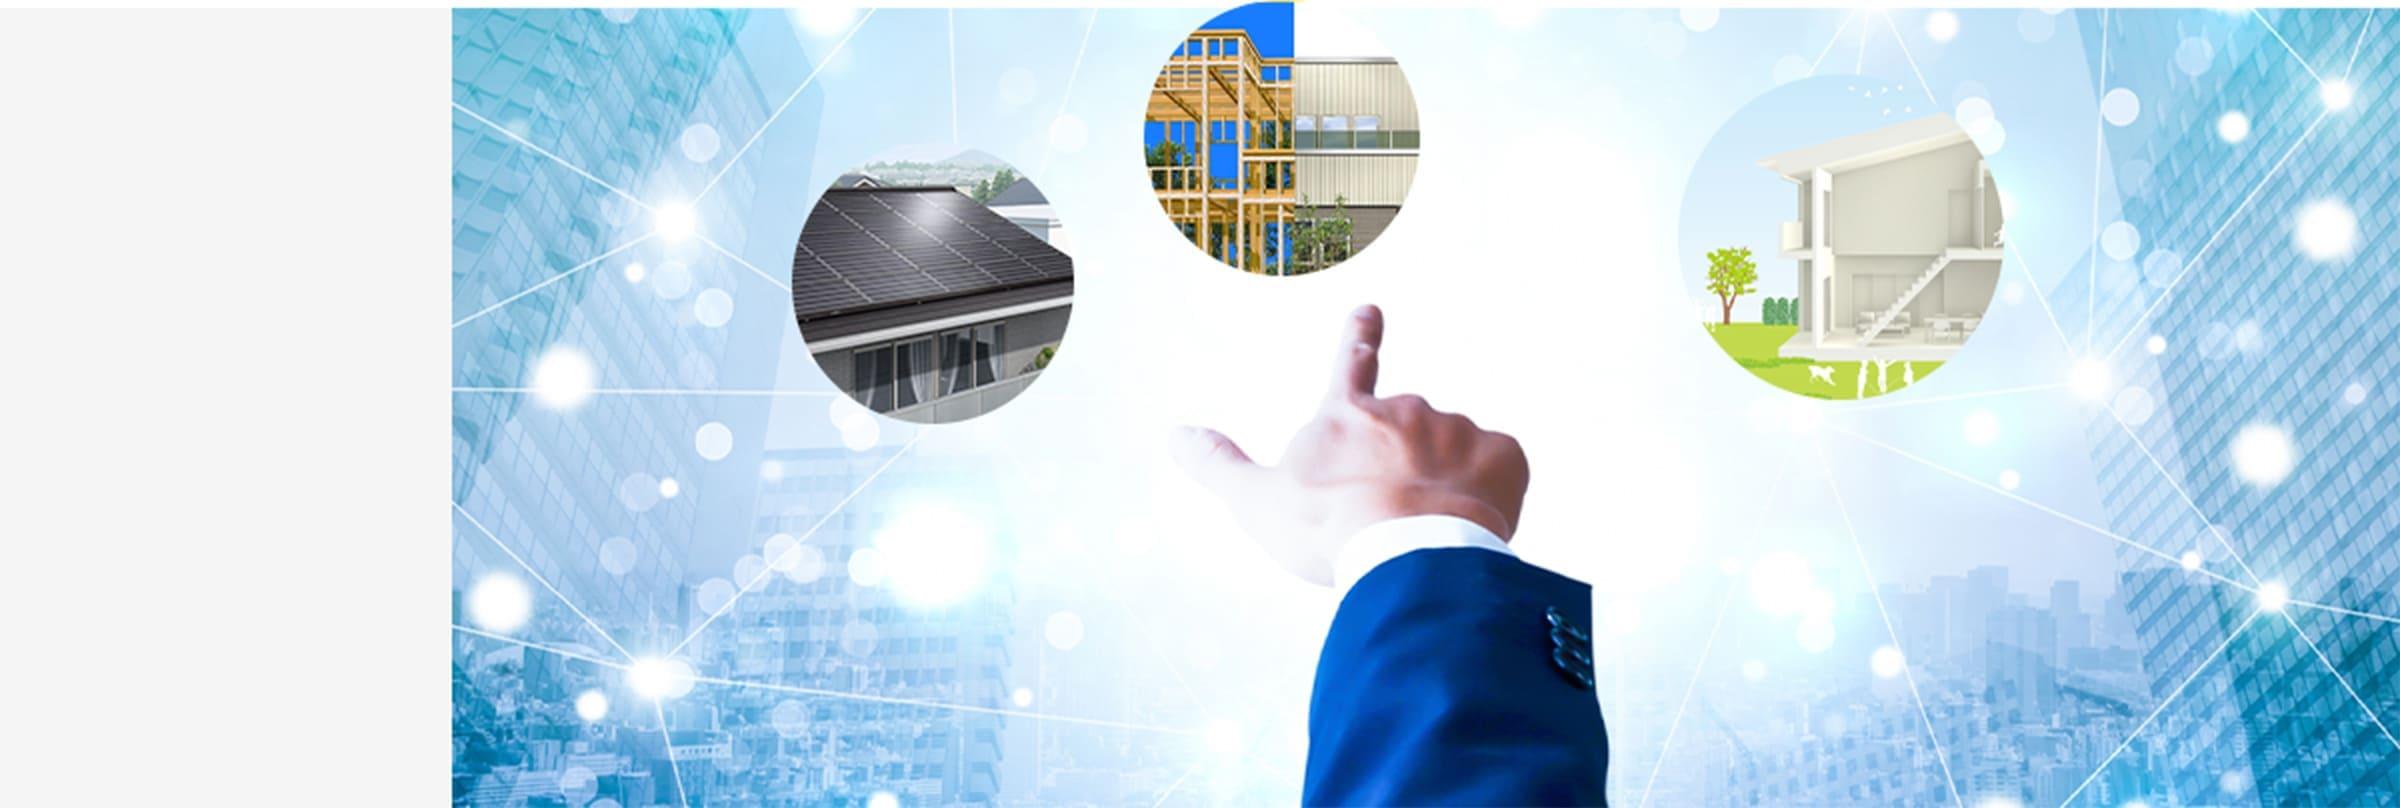 開発事業 Development